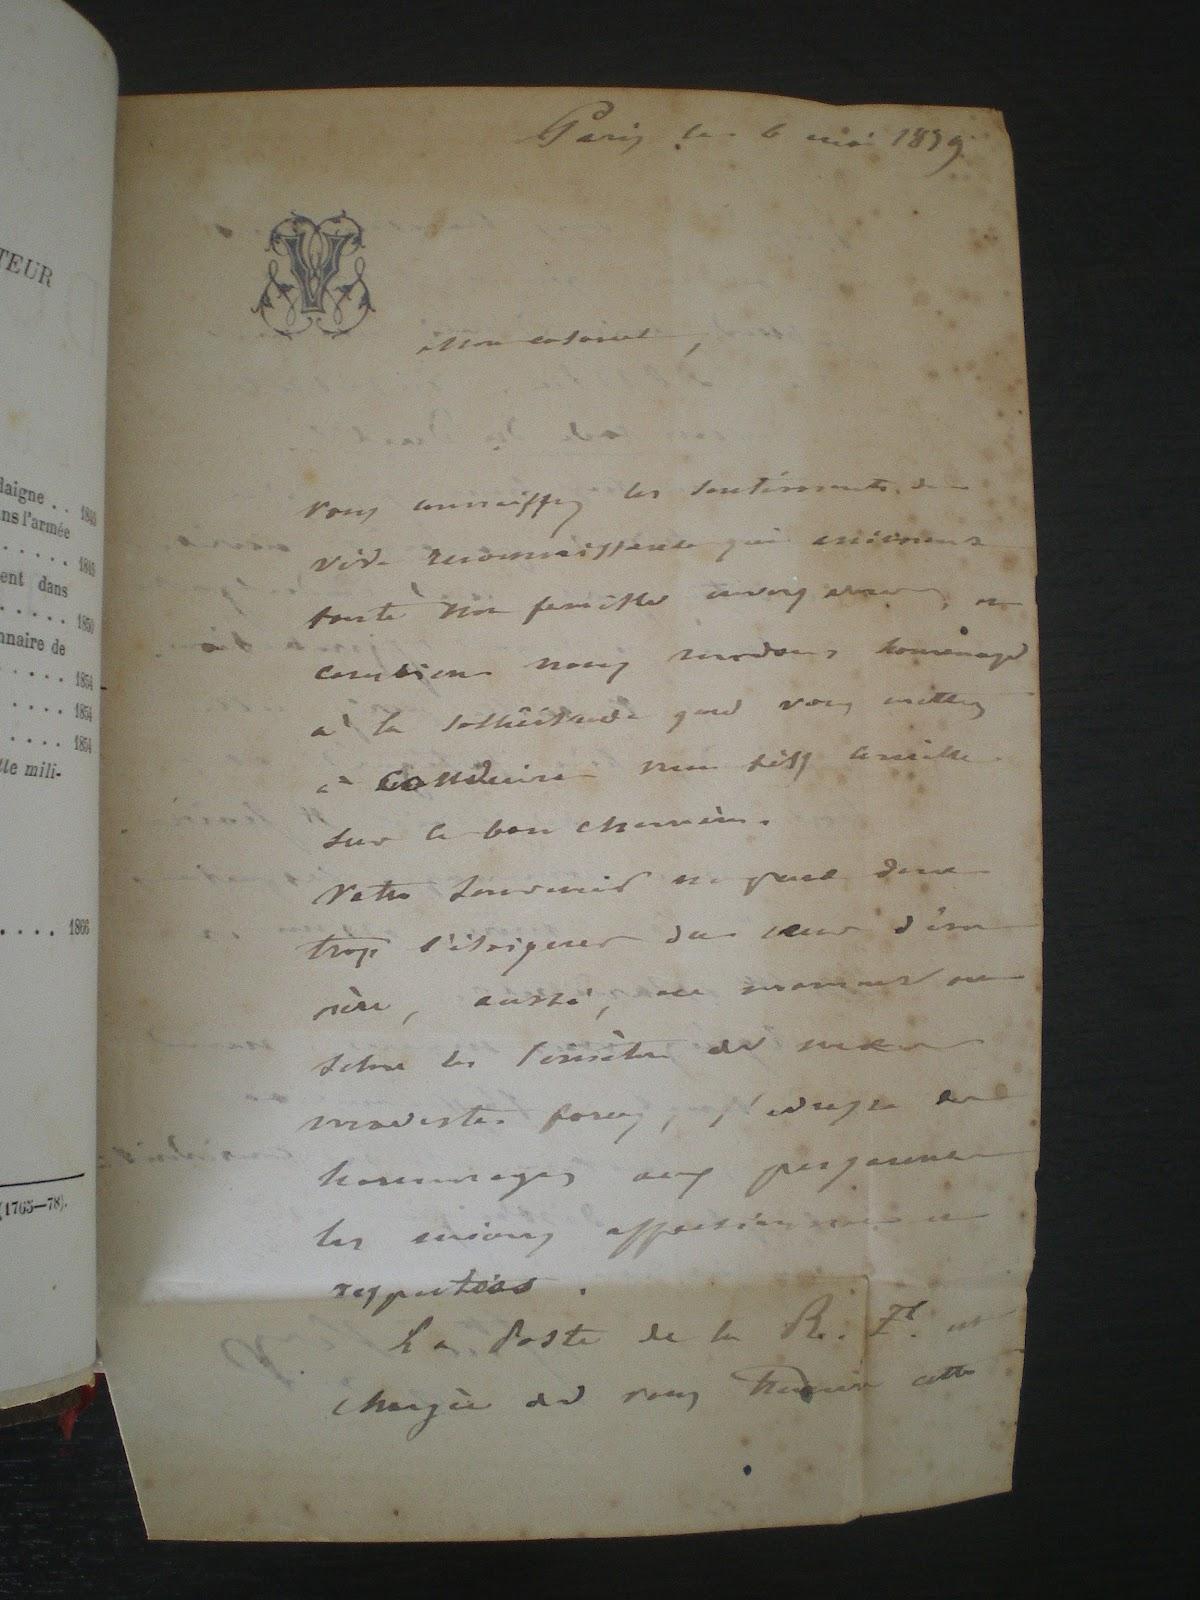 librairie ancienne florence velk lorient verger saint thomas nouveau code du duel 1879. Black Bedroom Furniture Sets. Home Design Ideas